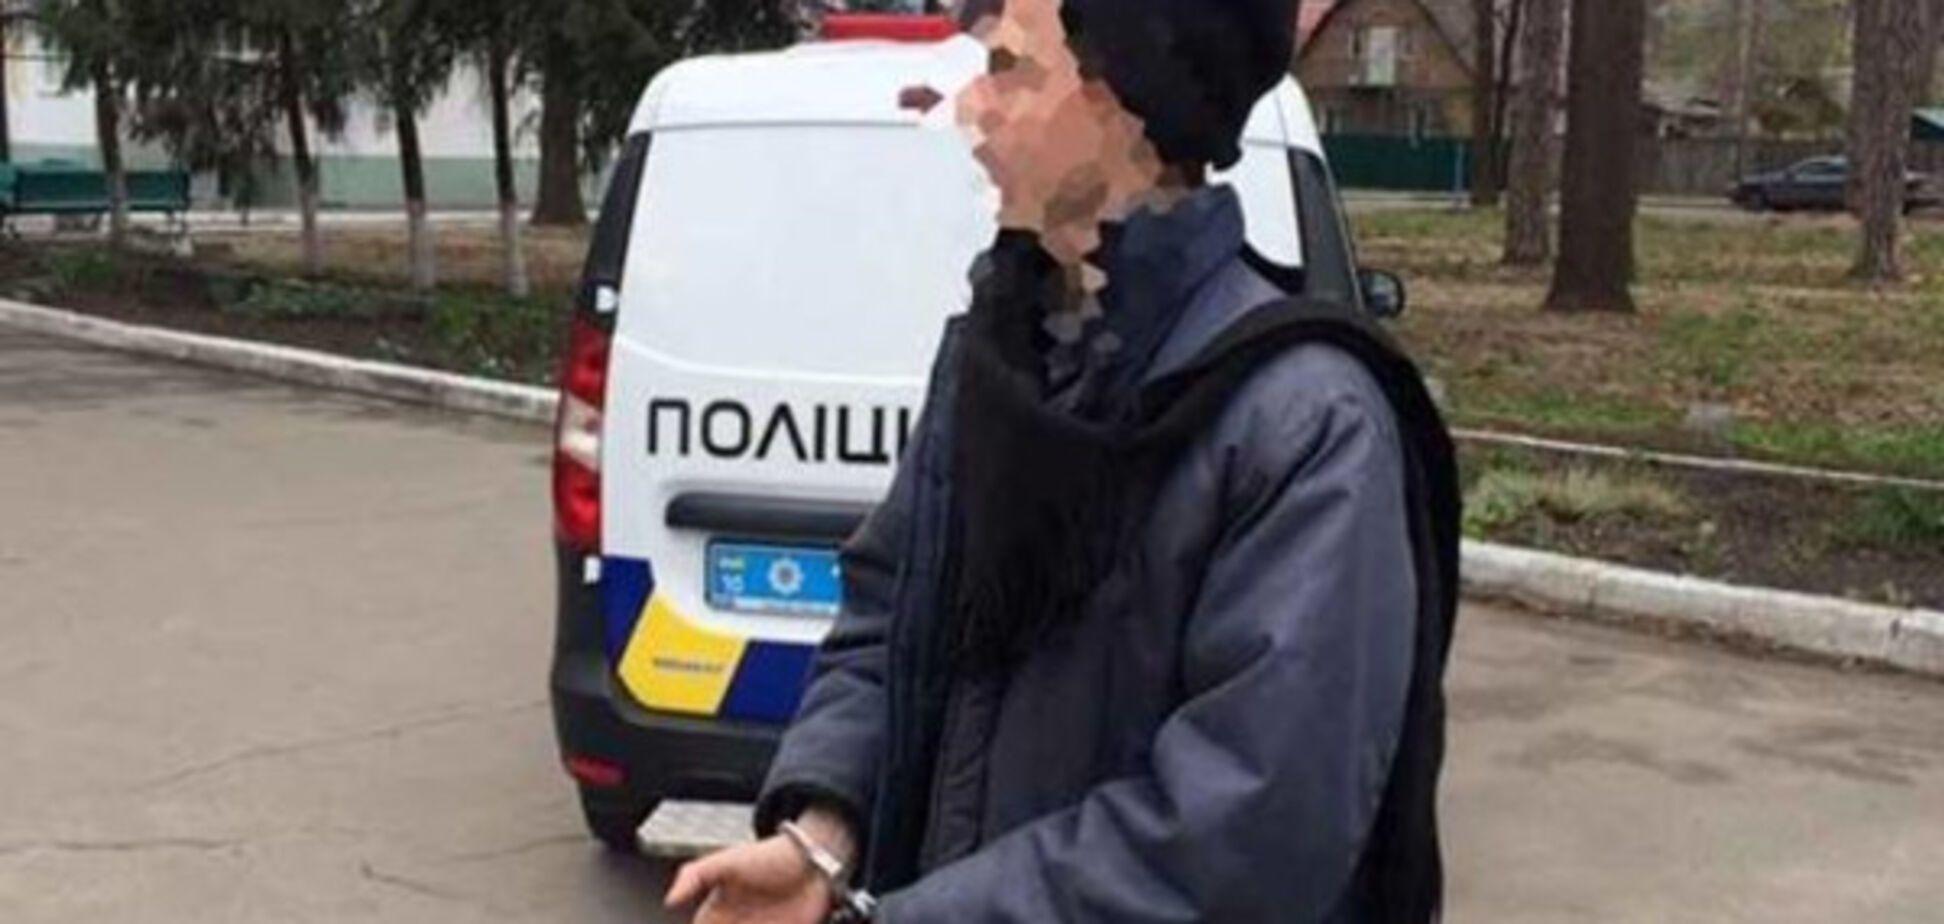 Готовил налет на банк: под Киевом задержали серийного грабителя